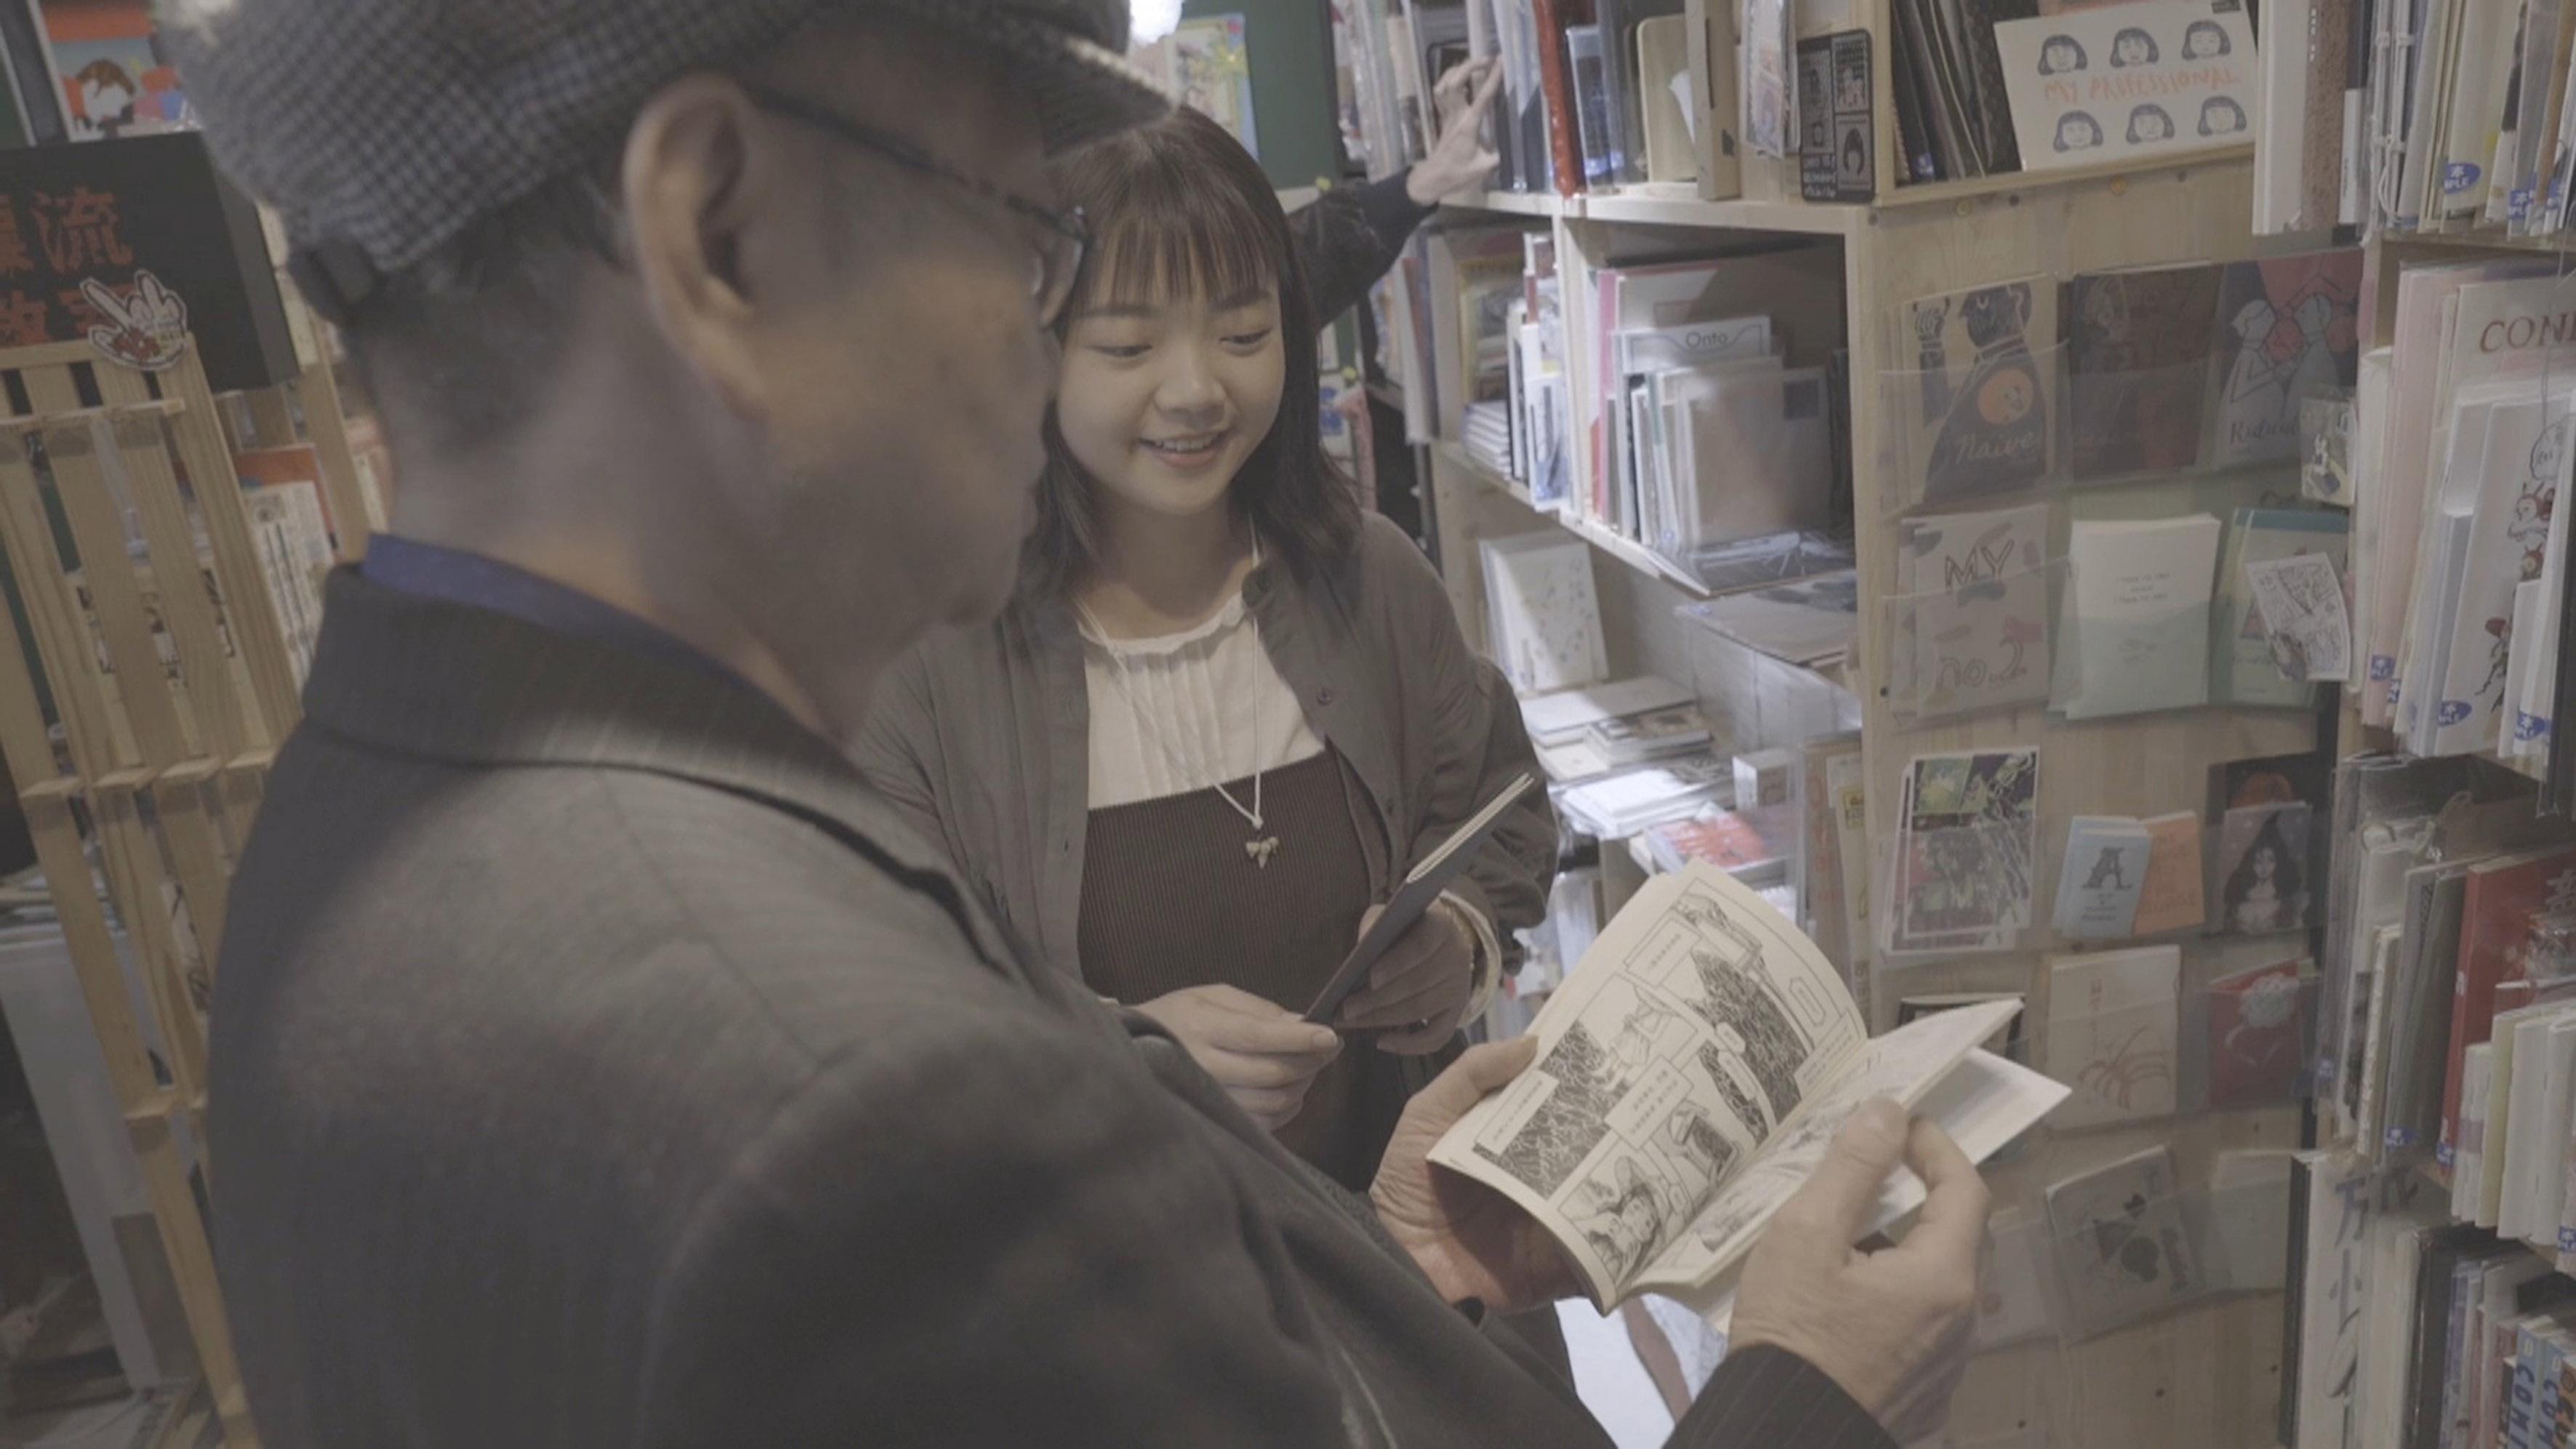 《搖滾師匠:細野晴臣》劇照_細野晴臣與台灣漫畫家高妍在台灣相會